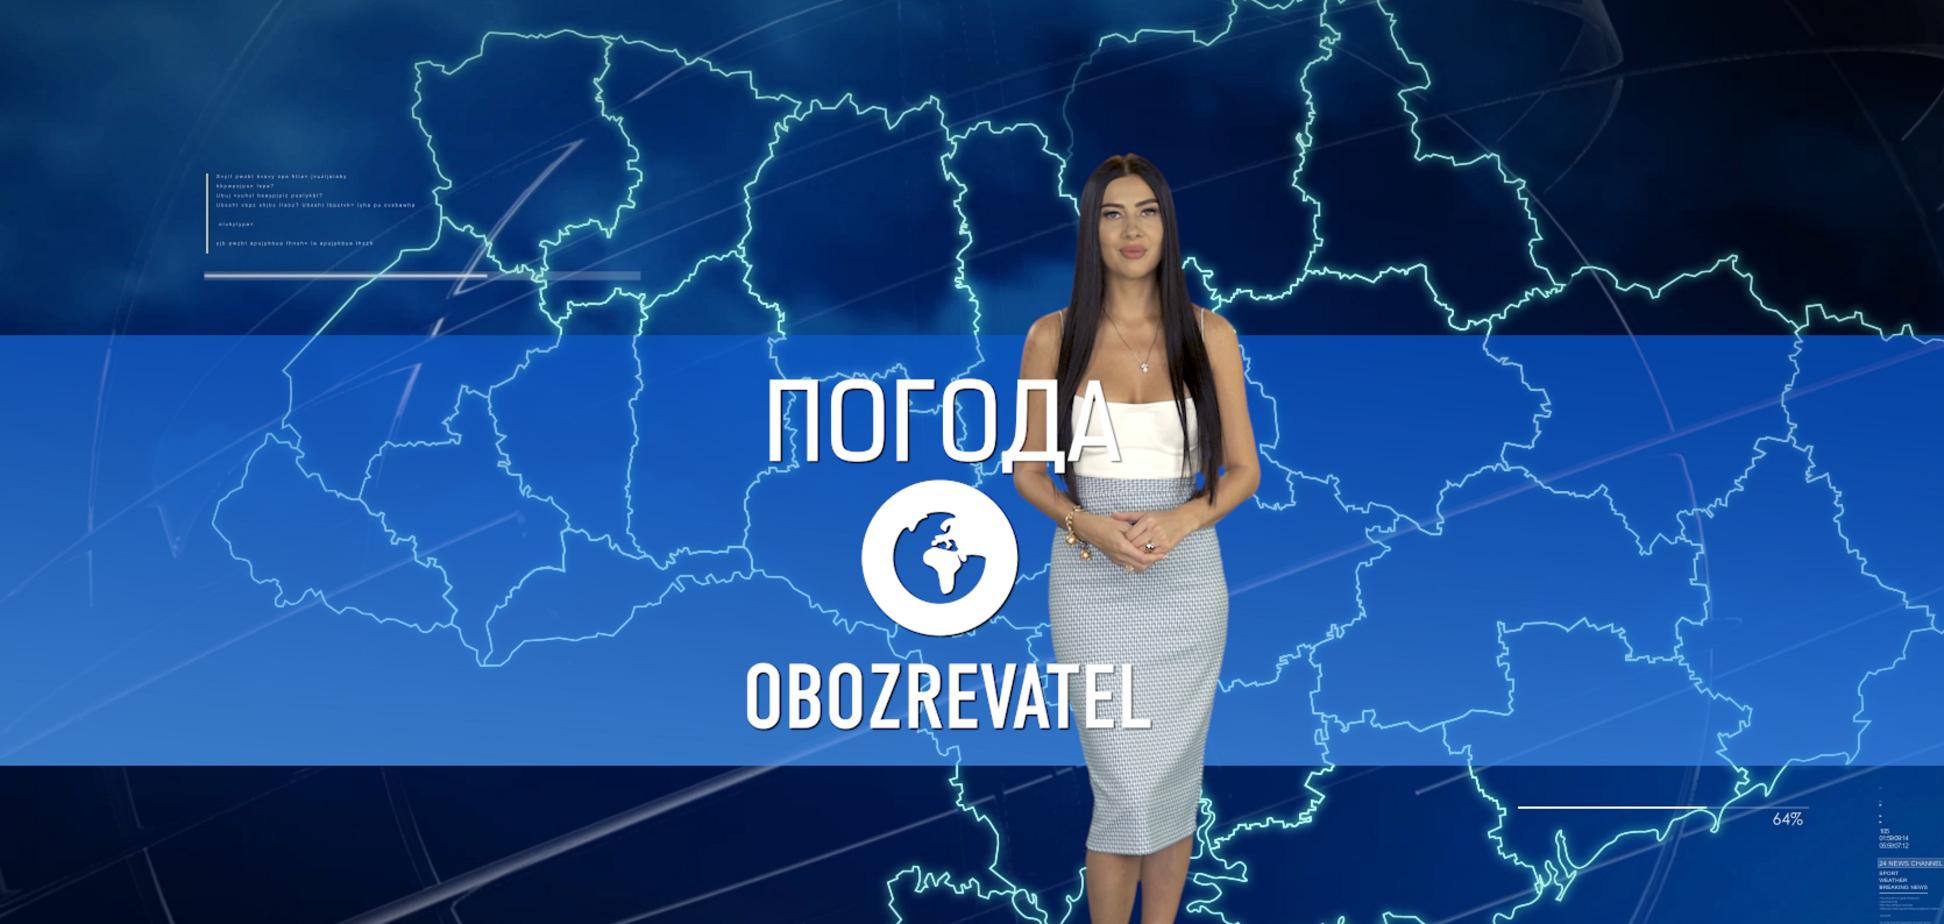 Прогноз погоды в Украине на среду, 29 сентября, с Алисой Мярковской